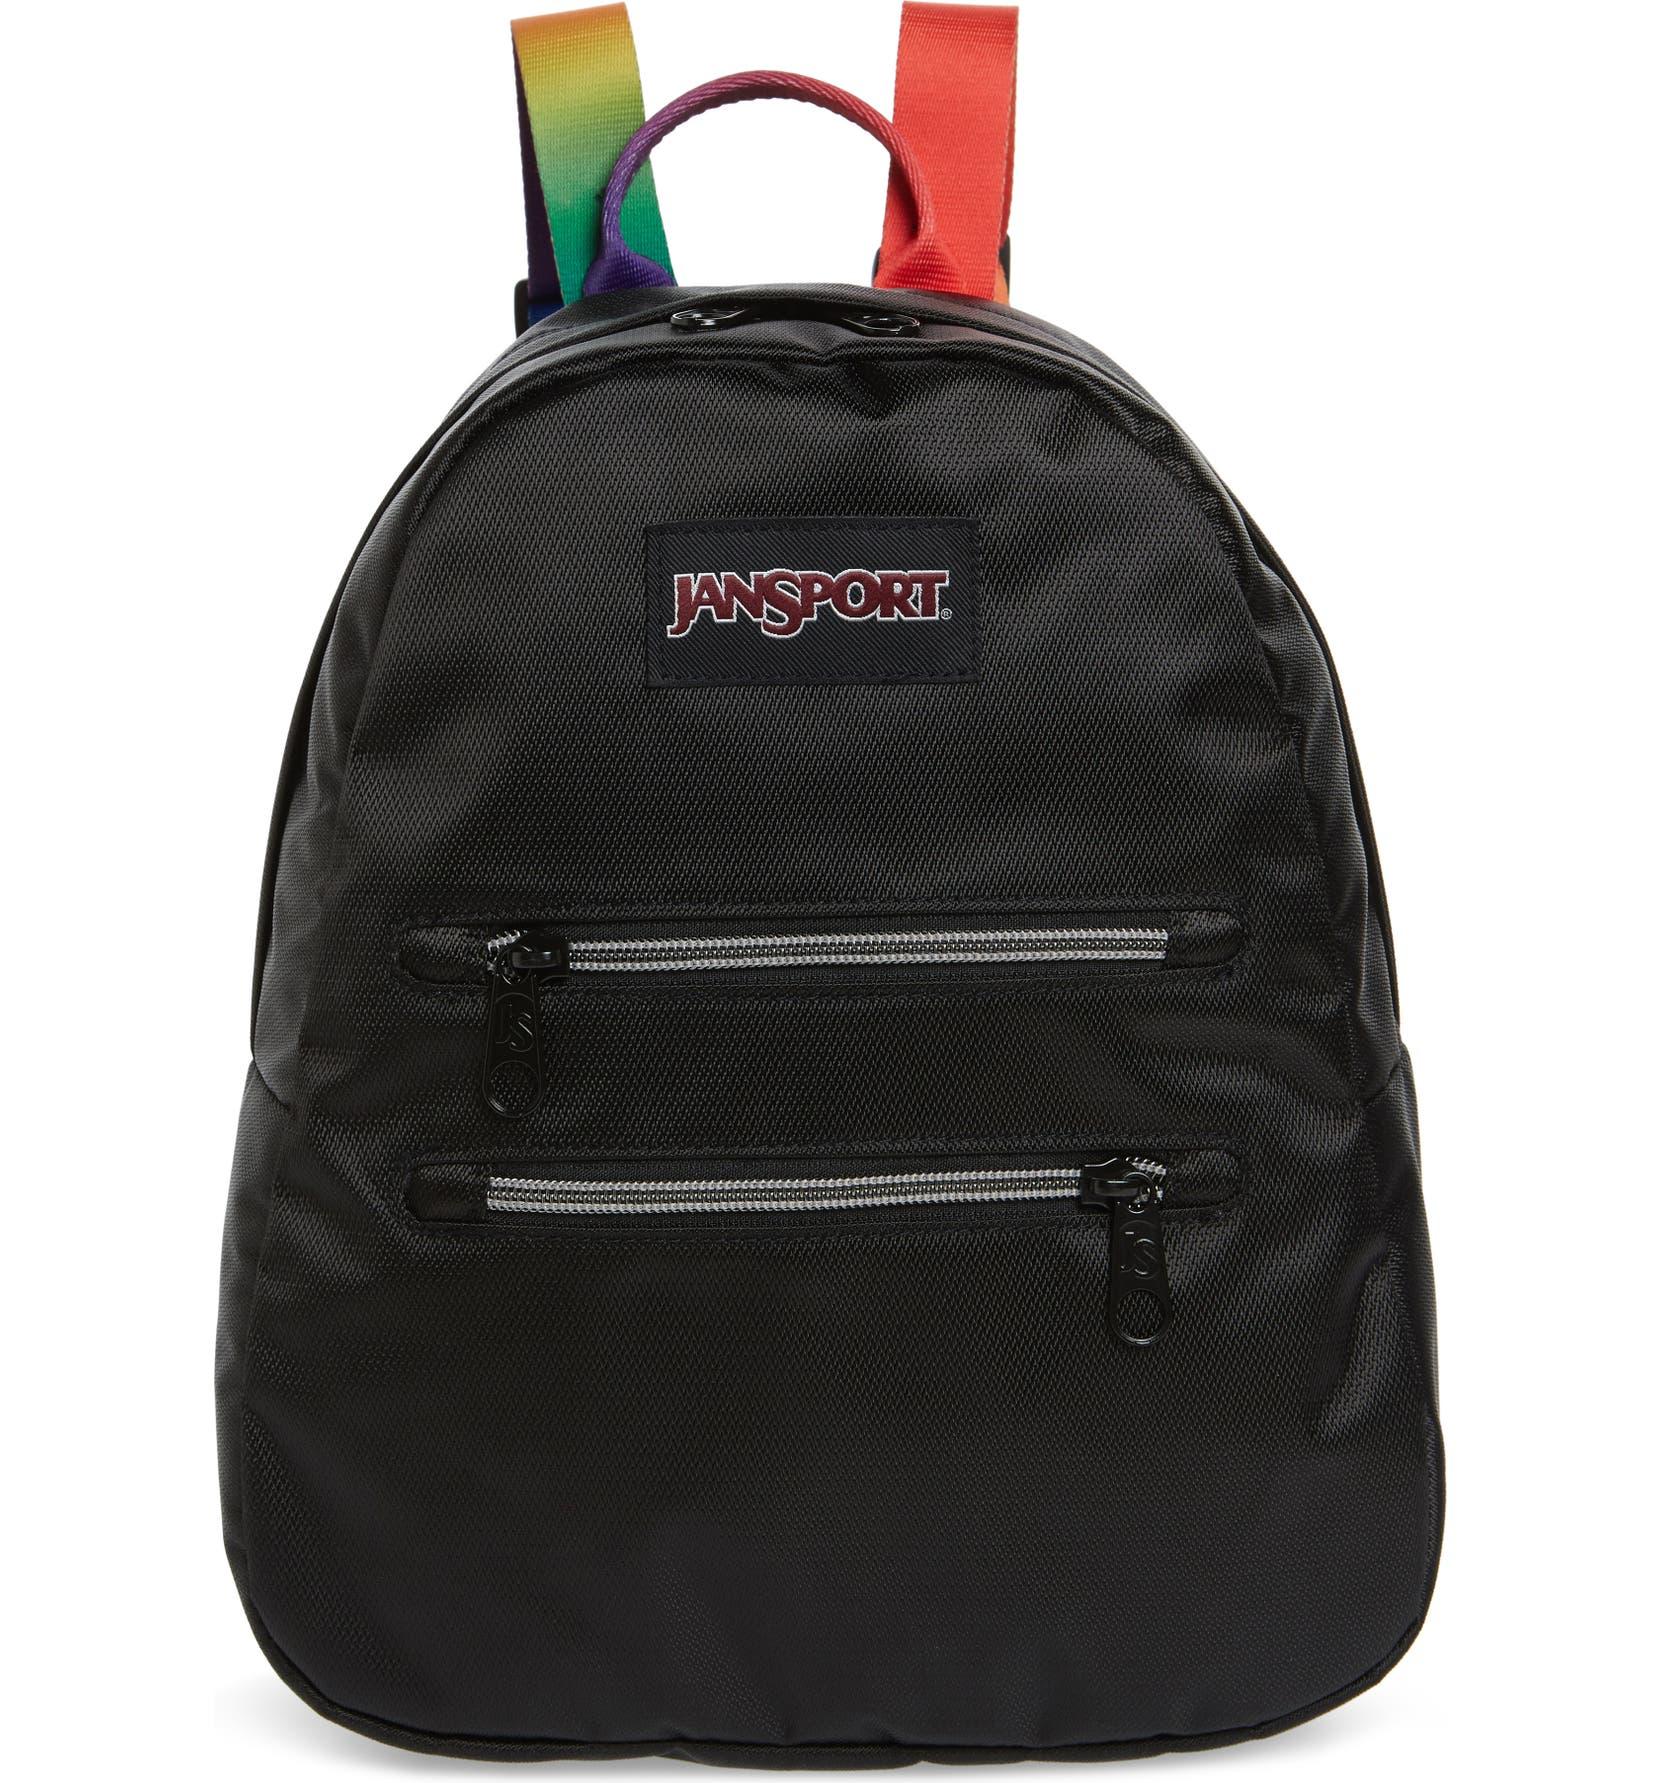 0474c27f8f2b Jansport Half Pint 2 FX Mini Backpack